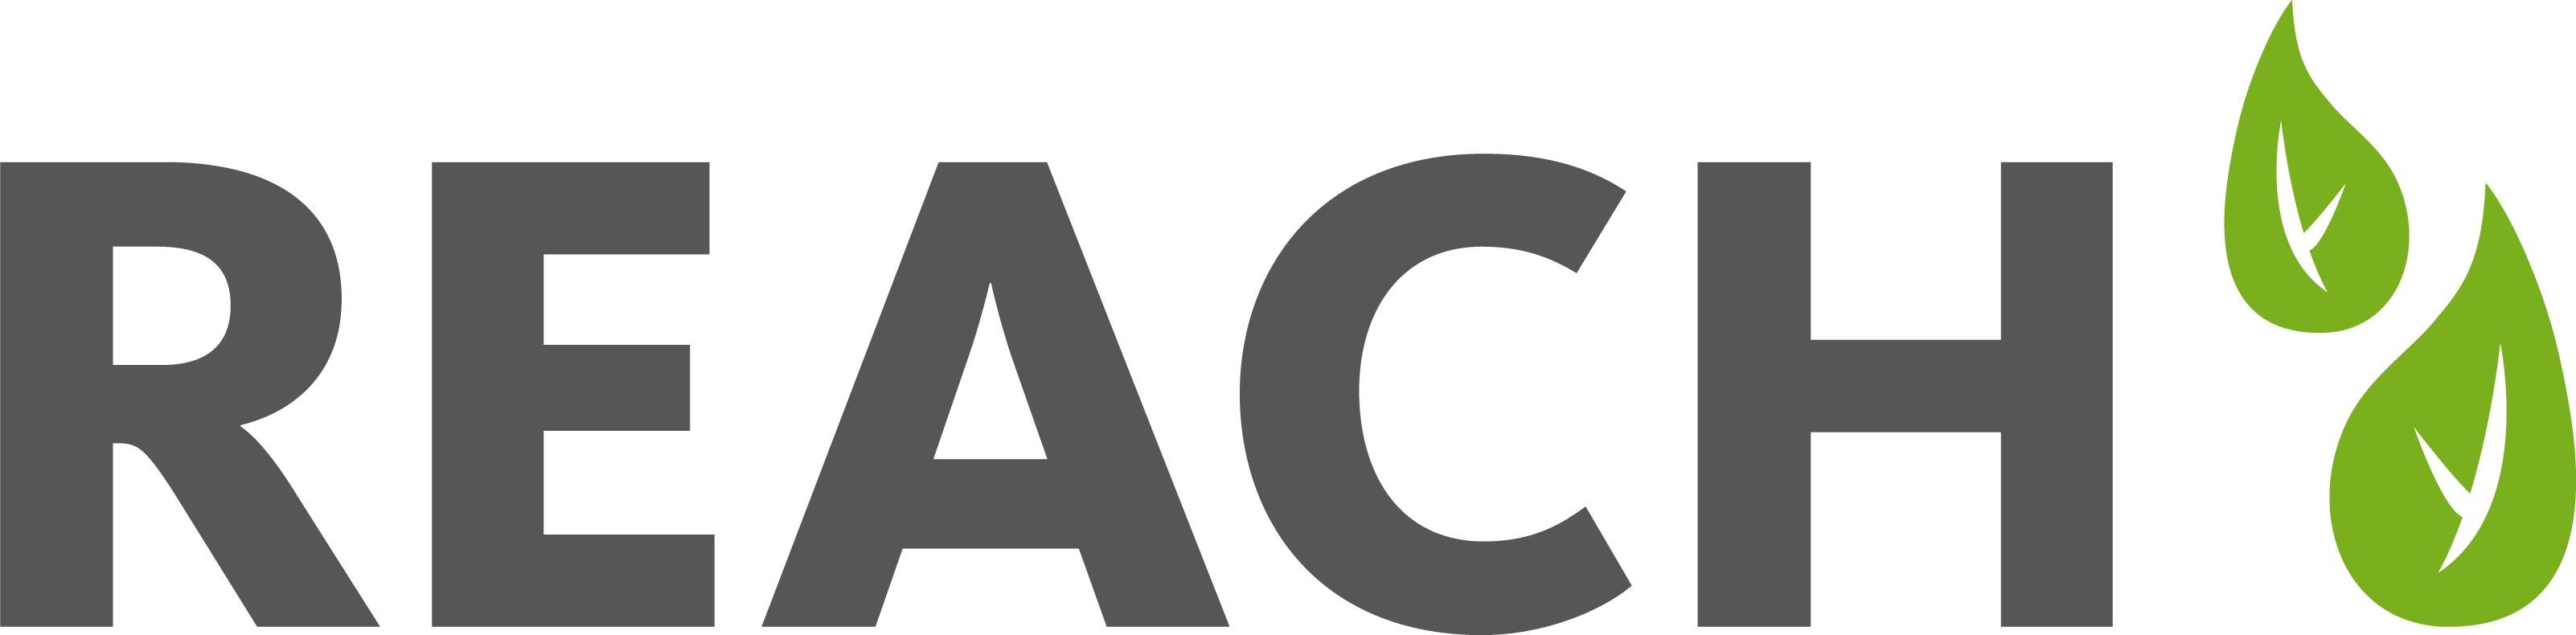 沿海锌业集团氯化锌产品完成欧盟REACH注册